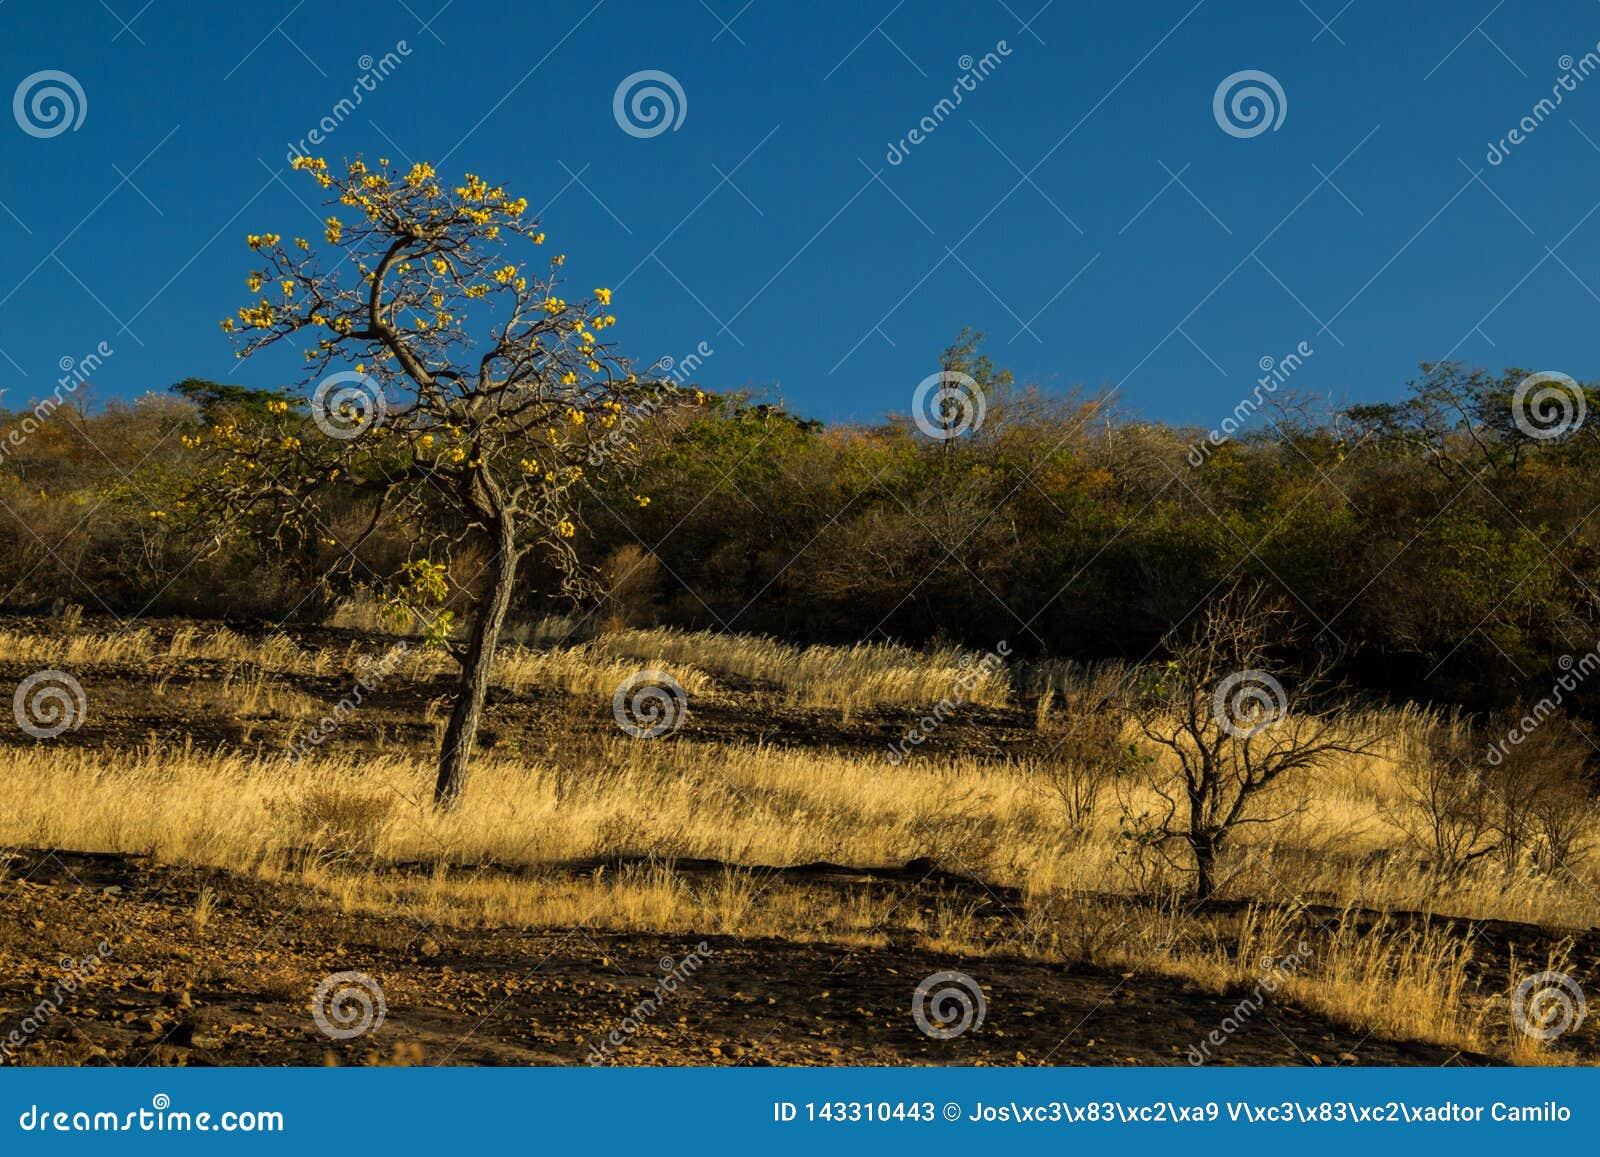 Un paesaggio tipico di Cerrado, in cui gli alberi torti sono uno dei pochi superstiti durante i periodi di siccità